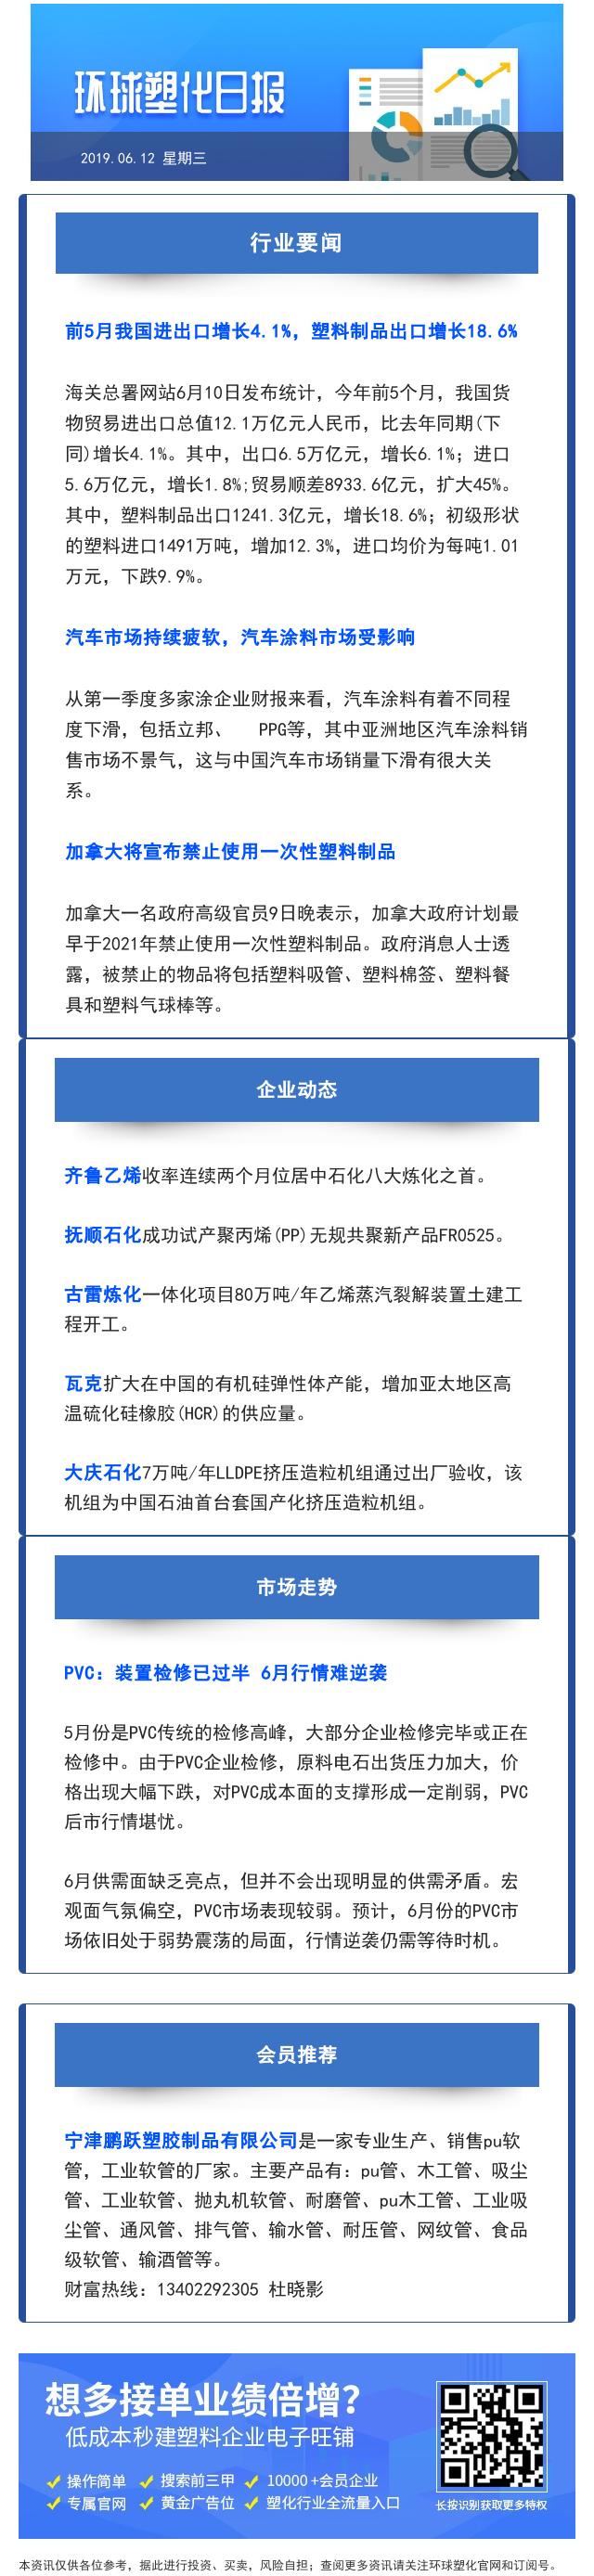 日报6.12.png